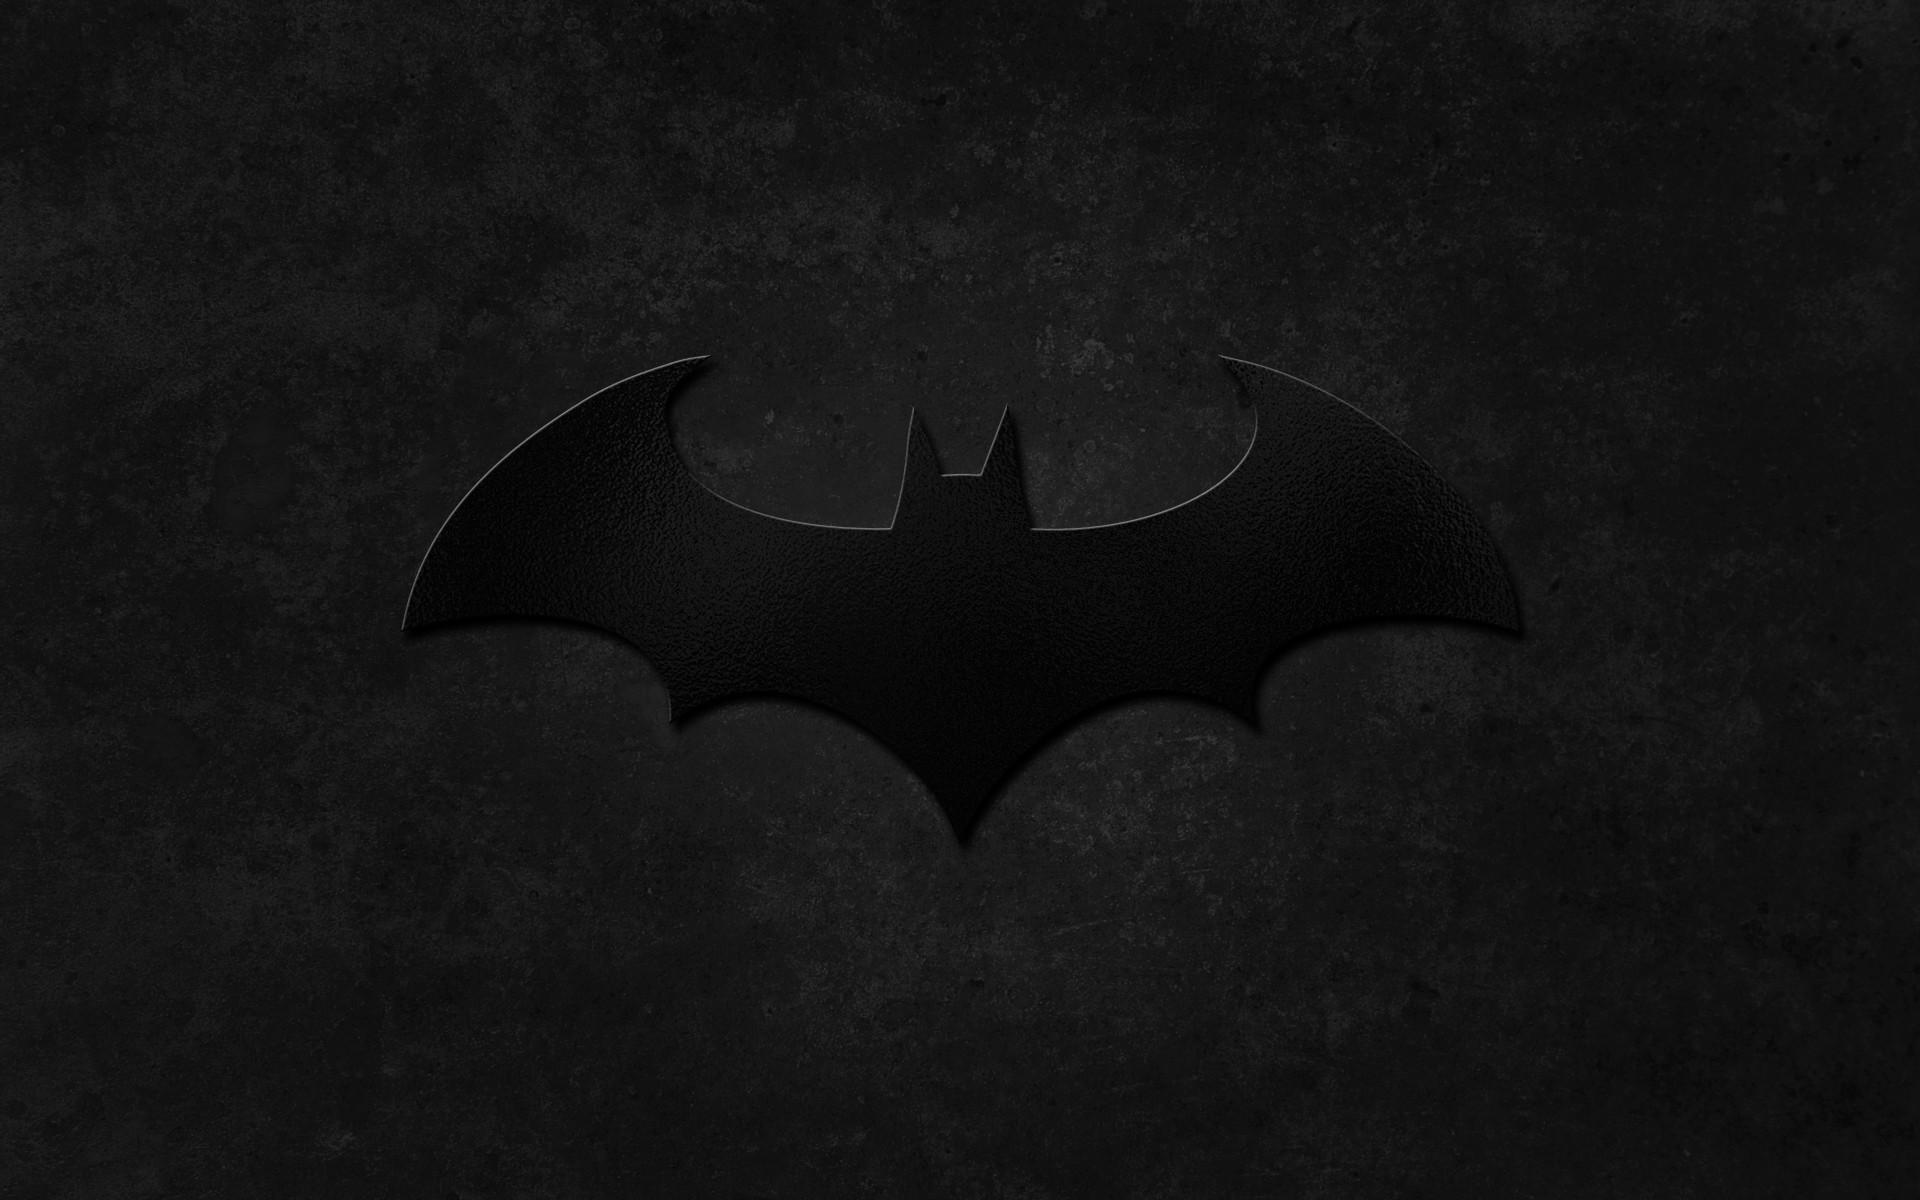 Free Batman Logo Wallpaper